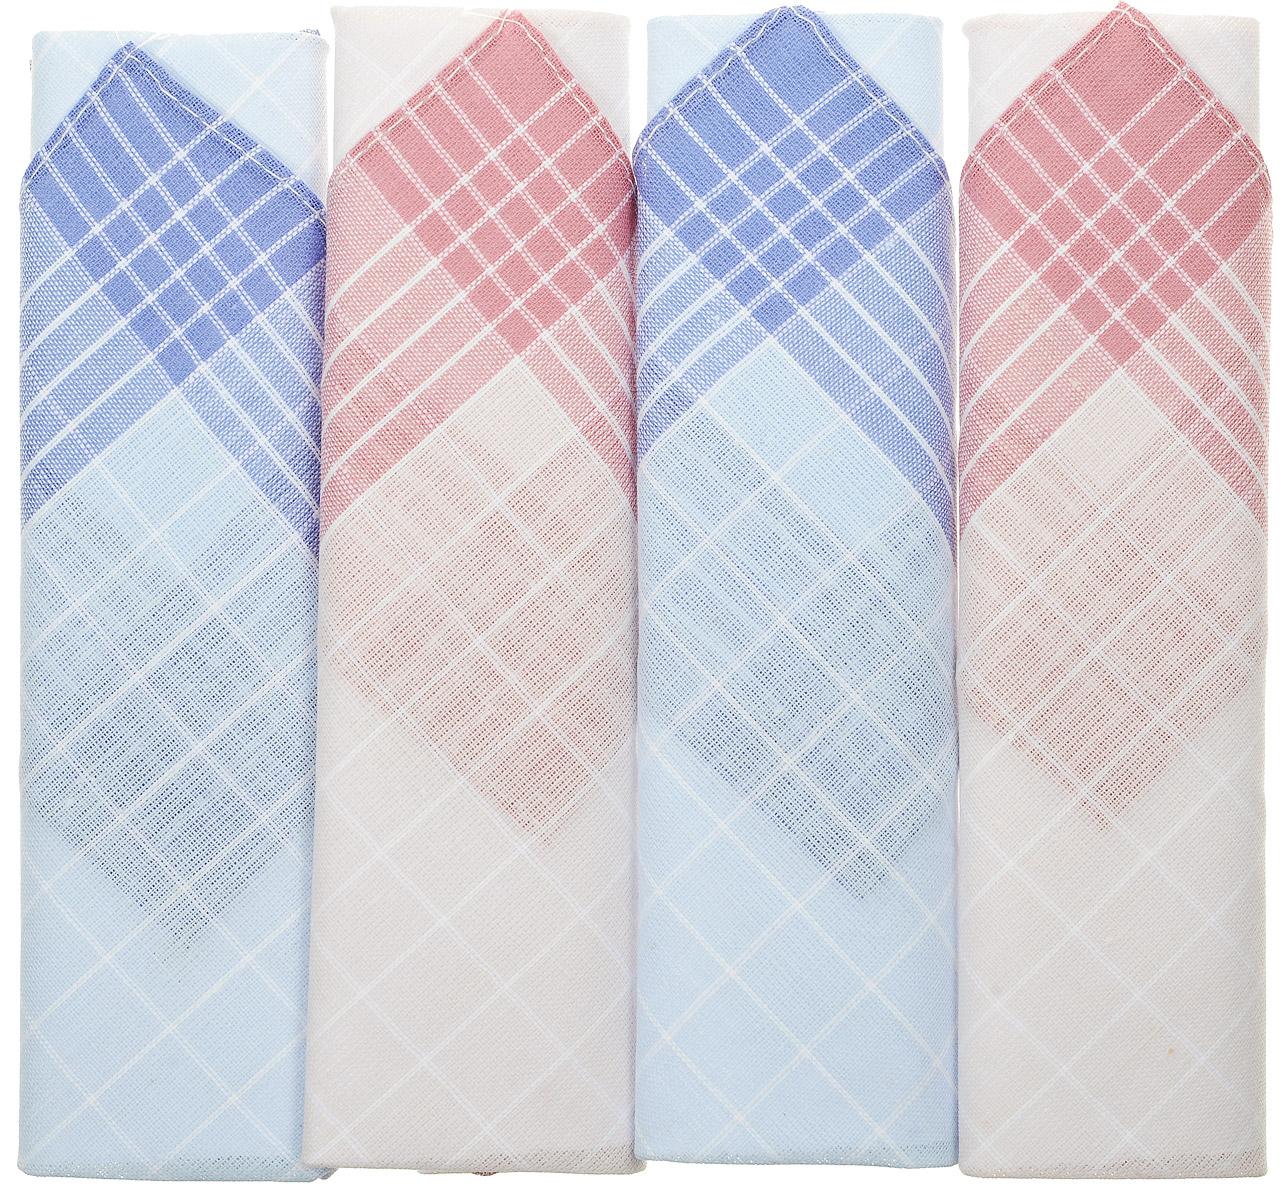 Платок носовой женский Zlata Korunka, цвет: белый, голубой, бордовый, 4 шт. 71420-28. Размер 28 см х 28 см71420-28Оригинальный женский носовой платок Zlata Korunka изготовлен из высококачественного натурального хлопка, благодаря чему приятен в использовании, хорошо стирается, не садится и отлично впитывает влагу. Практичный и изящный носовой платок будет незаменим в повседневной жизни любого современного человека. Такой платок послужит стильным аксессуаром и подчеркнет ваше превосходное чувство вкуса.